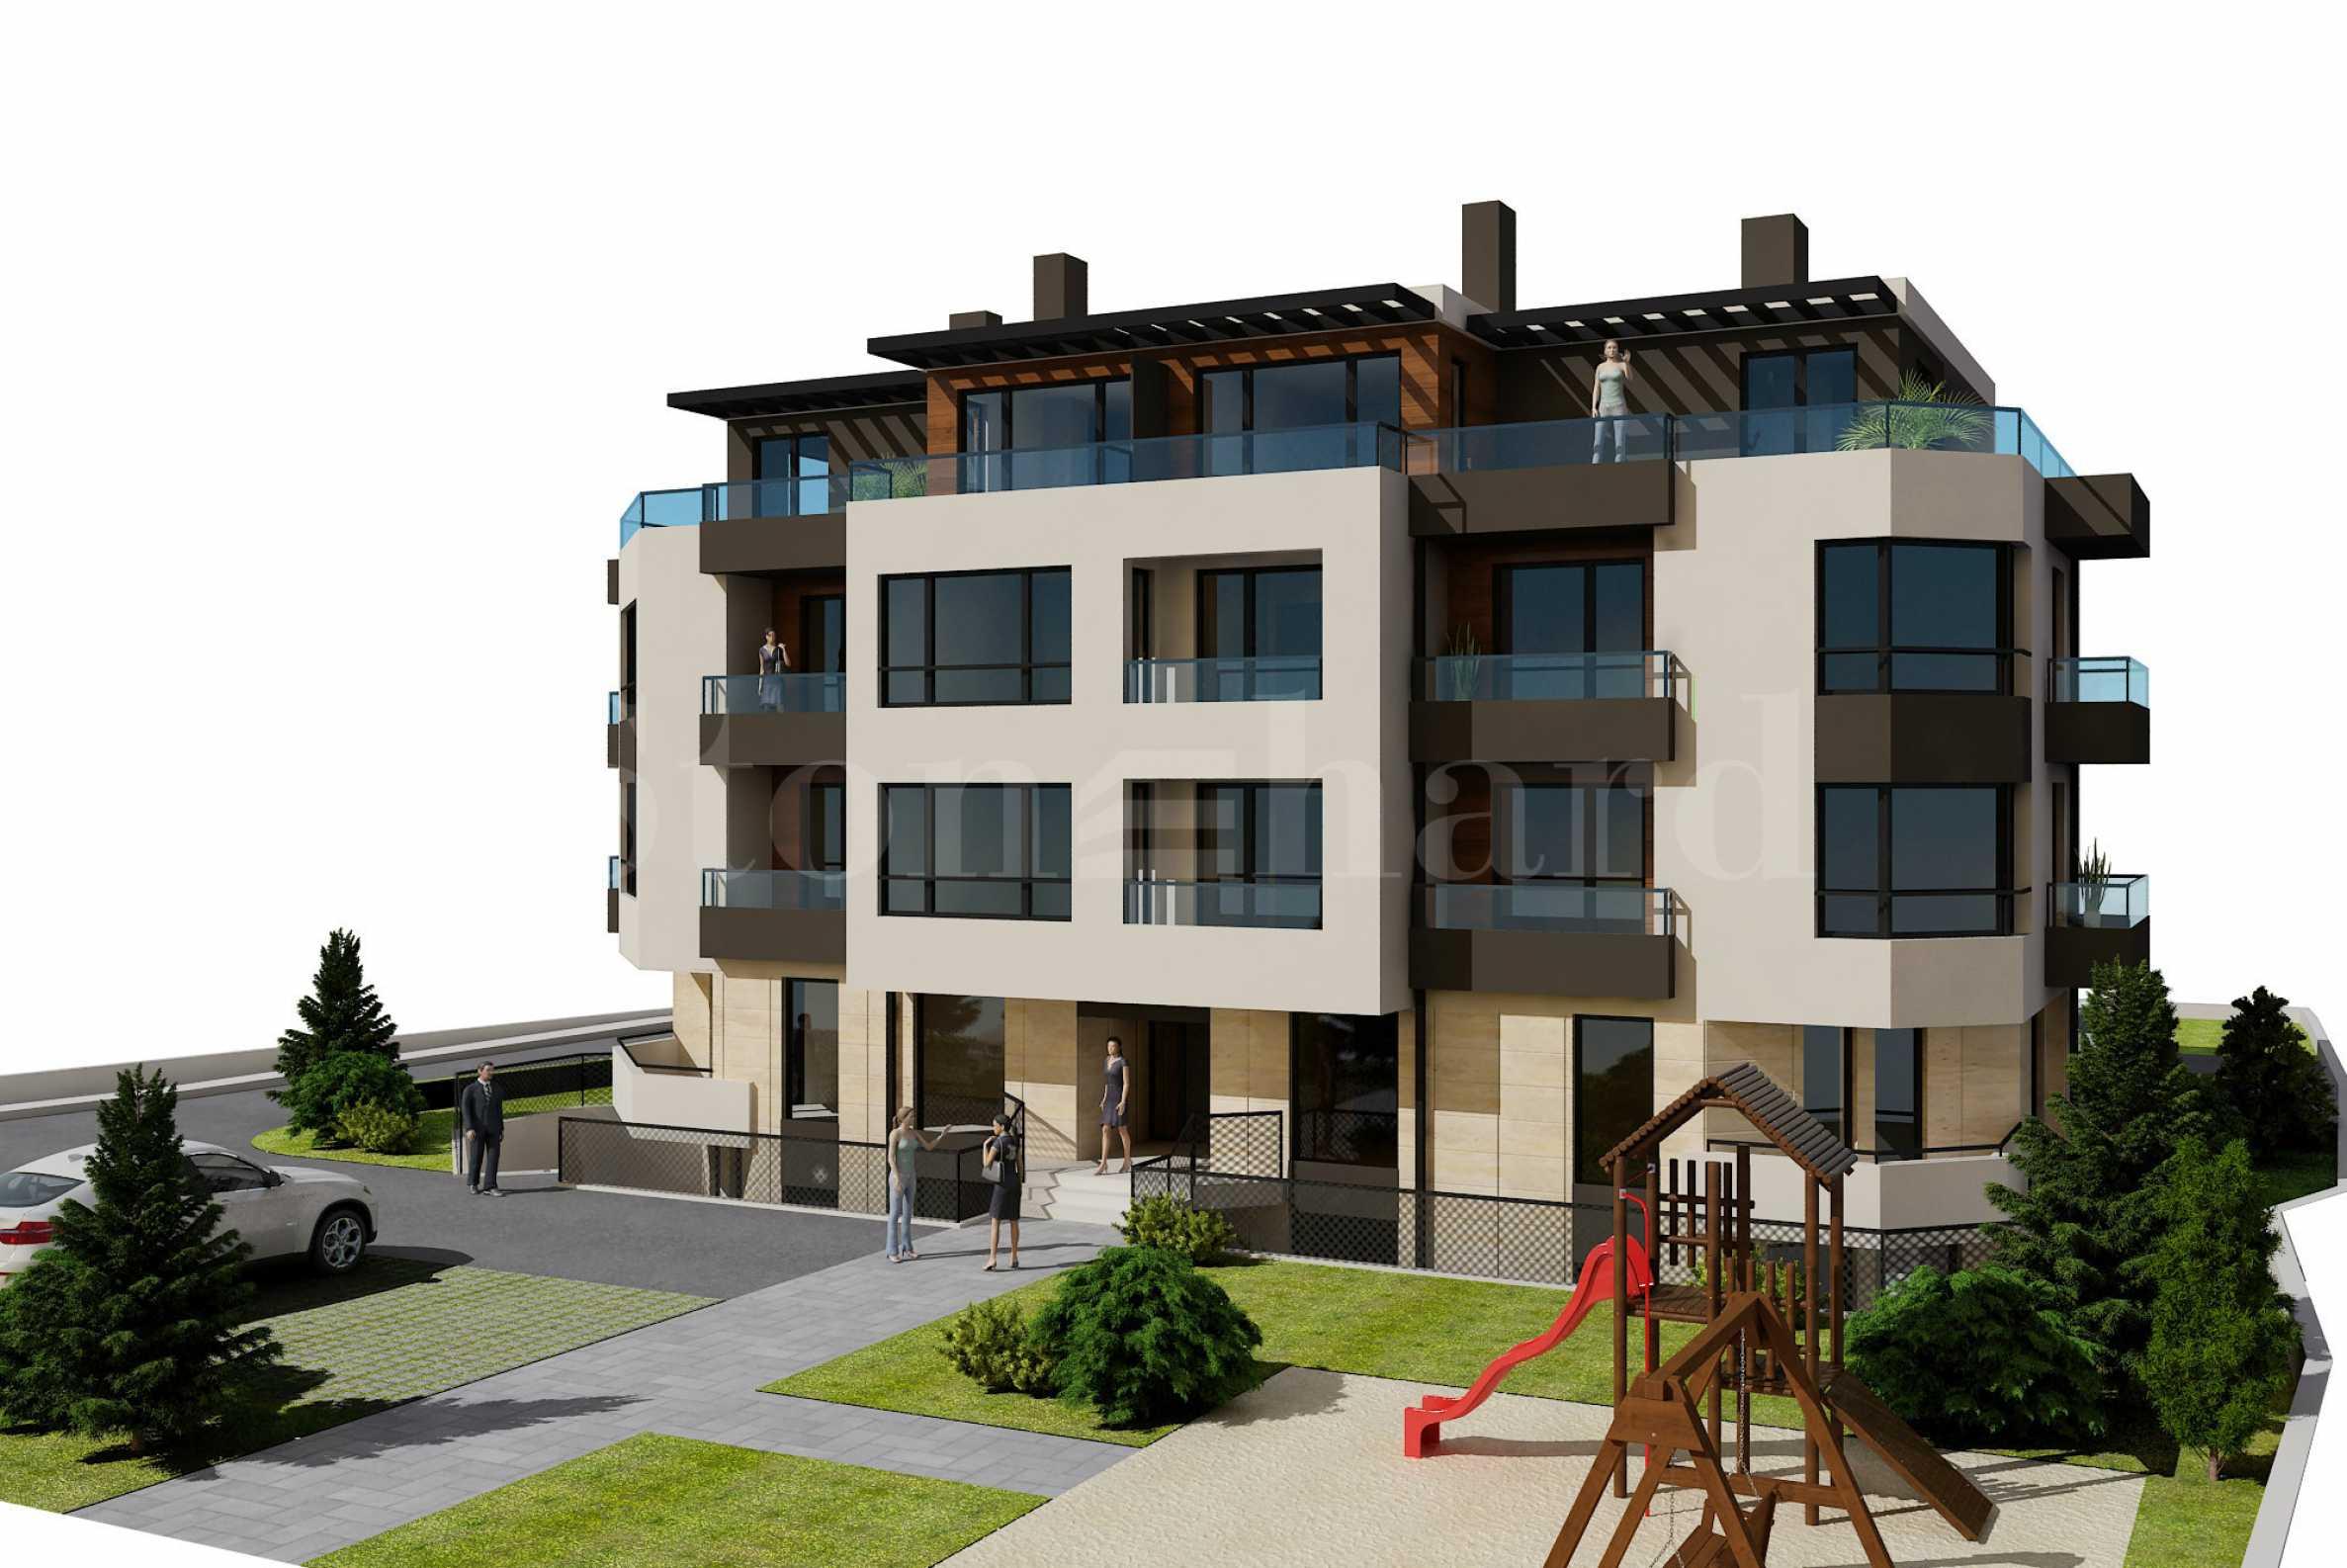 Апартаменти в новострояща се сграда в ж.к. Възраждане 3, гр. Варна2 - Stonehard